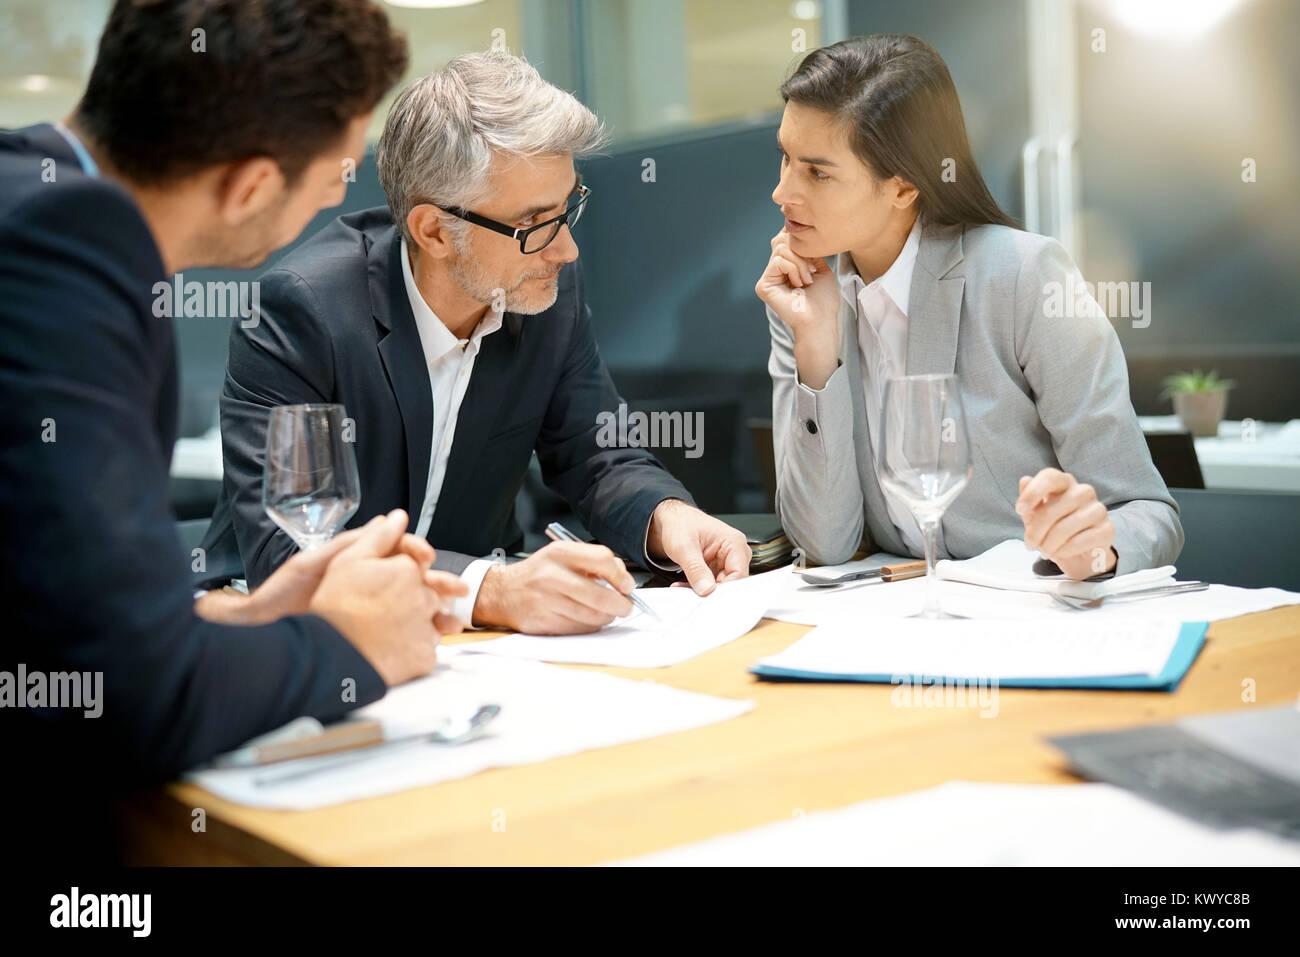 Executive di persone facendo business report presentazione in ristorante Immagini Stock